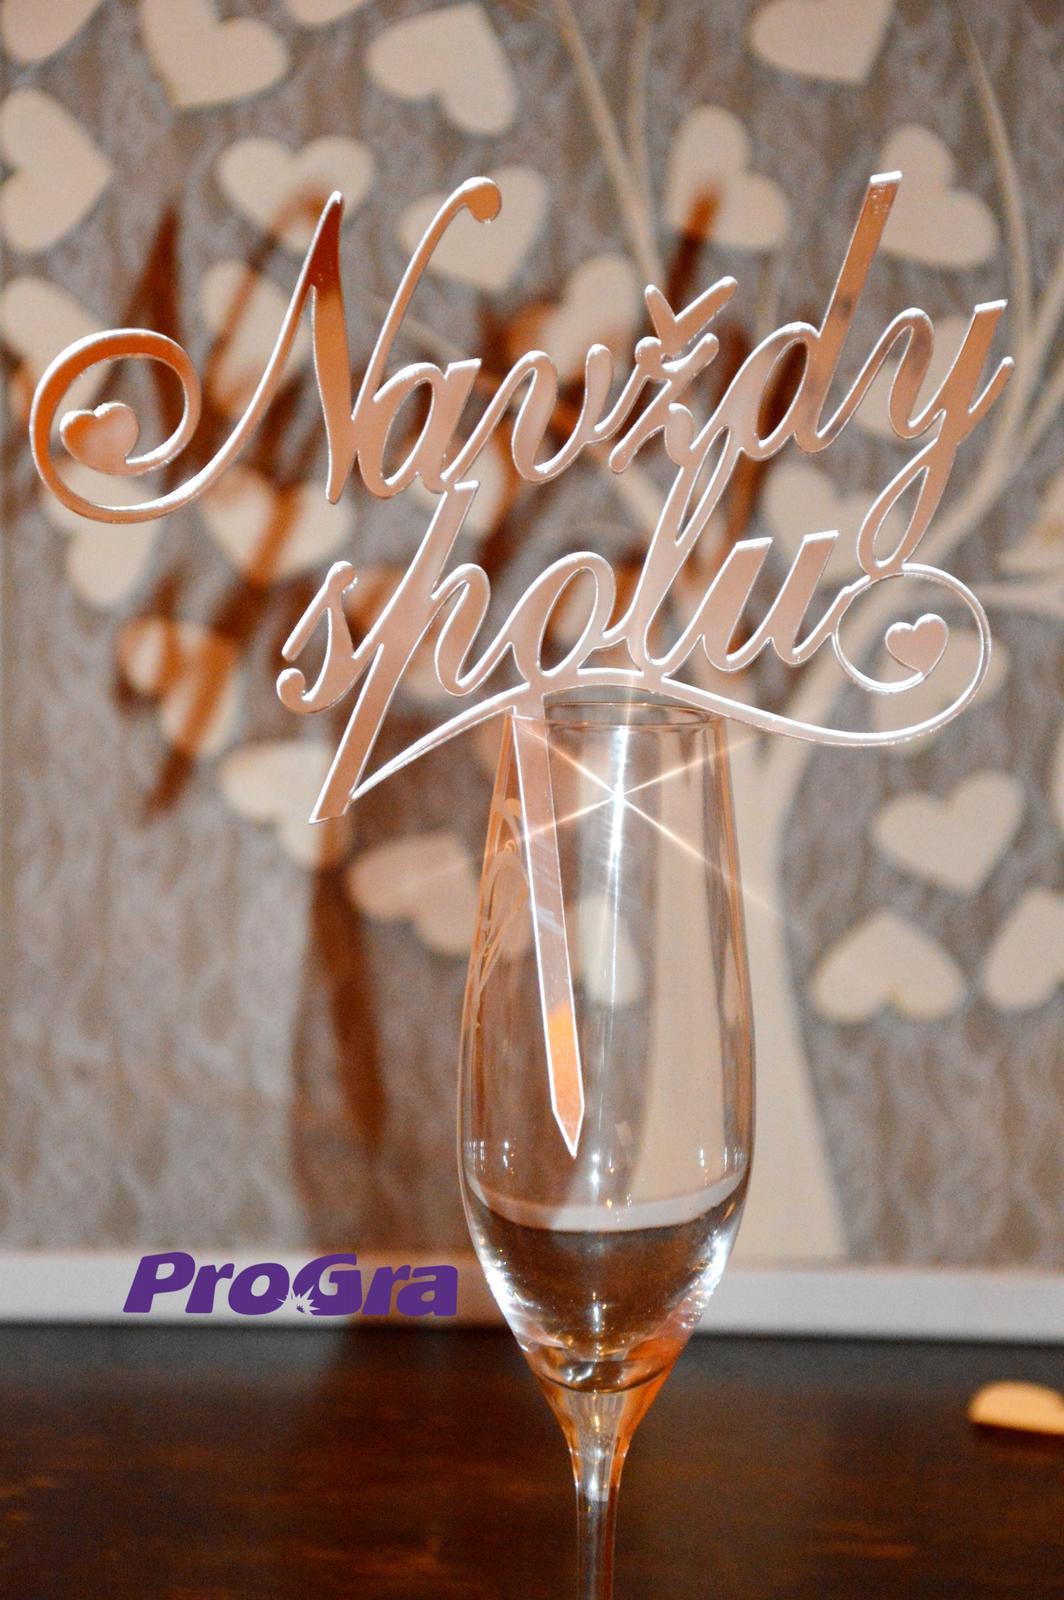 Detaily pre Váš svadobný deň - Elegantná dekorácia zo zrkadielkového plastu môže poslúžiť ako dekorácia nielen na svadbu, ale i na výročie svadby, valentína či darček z lásky